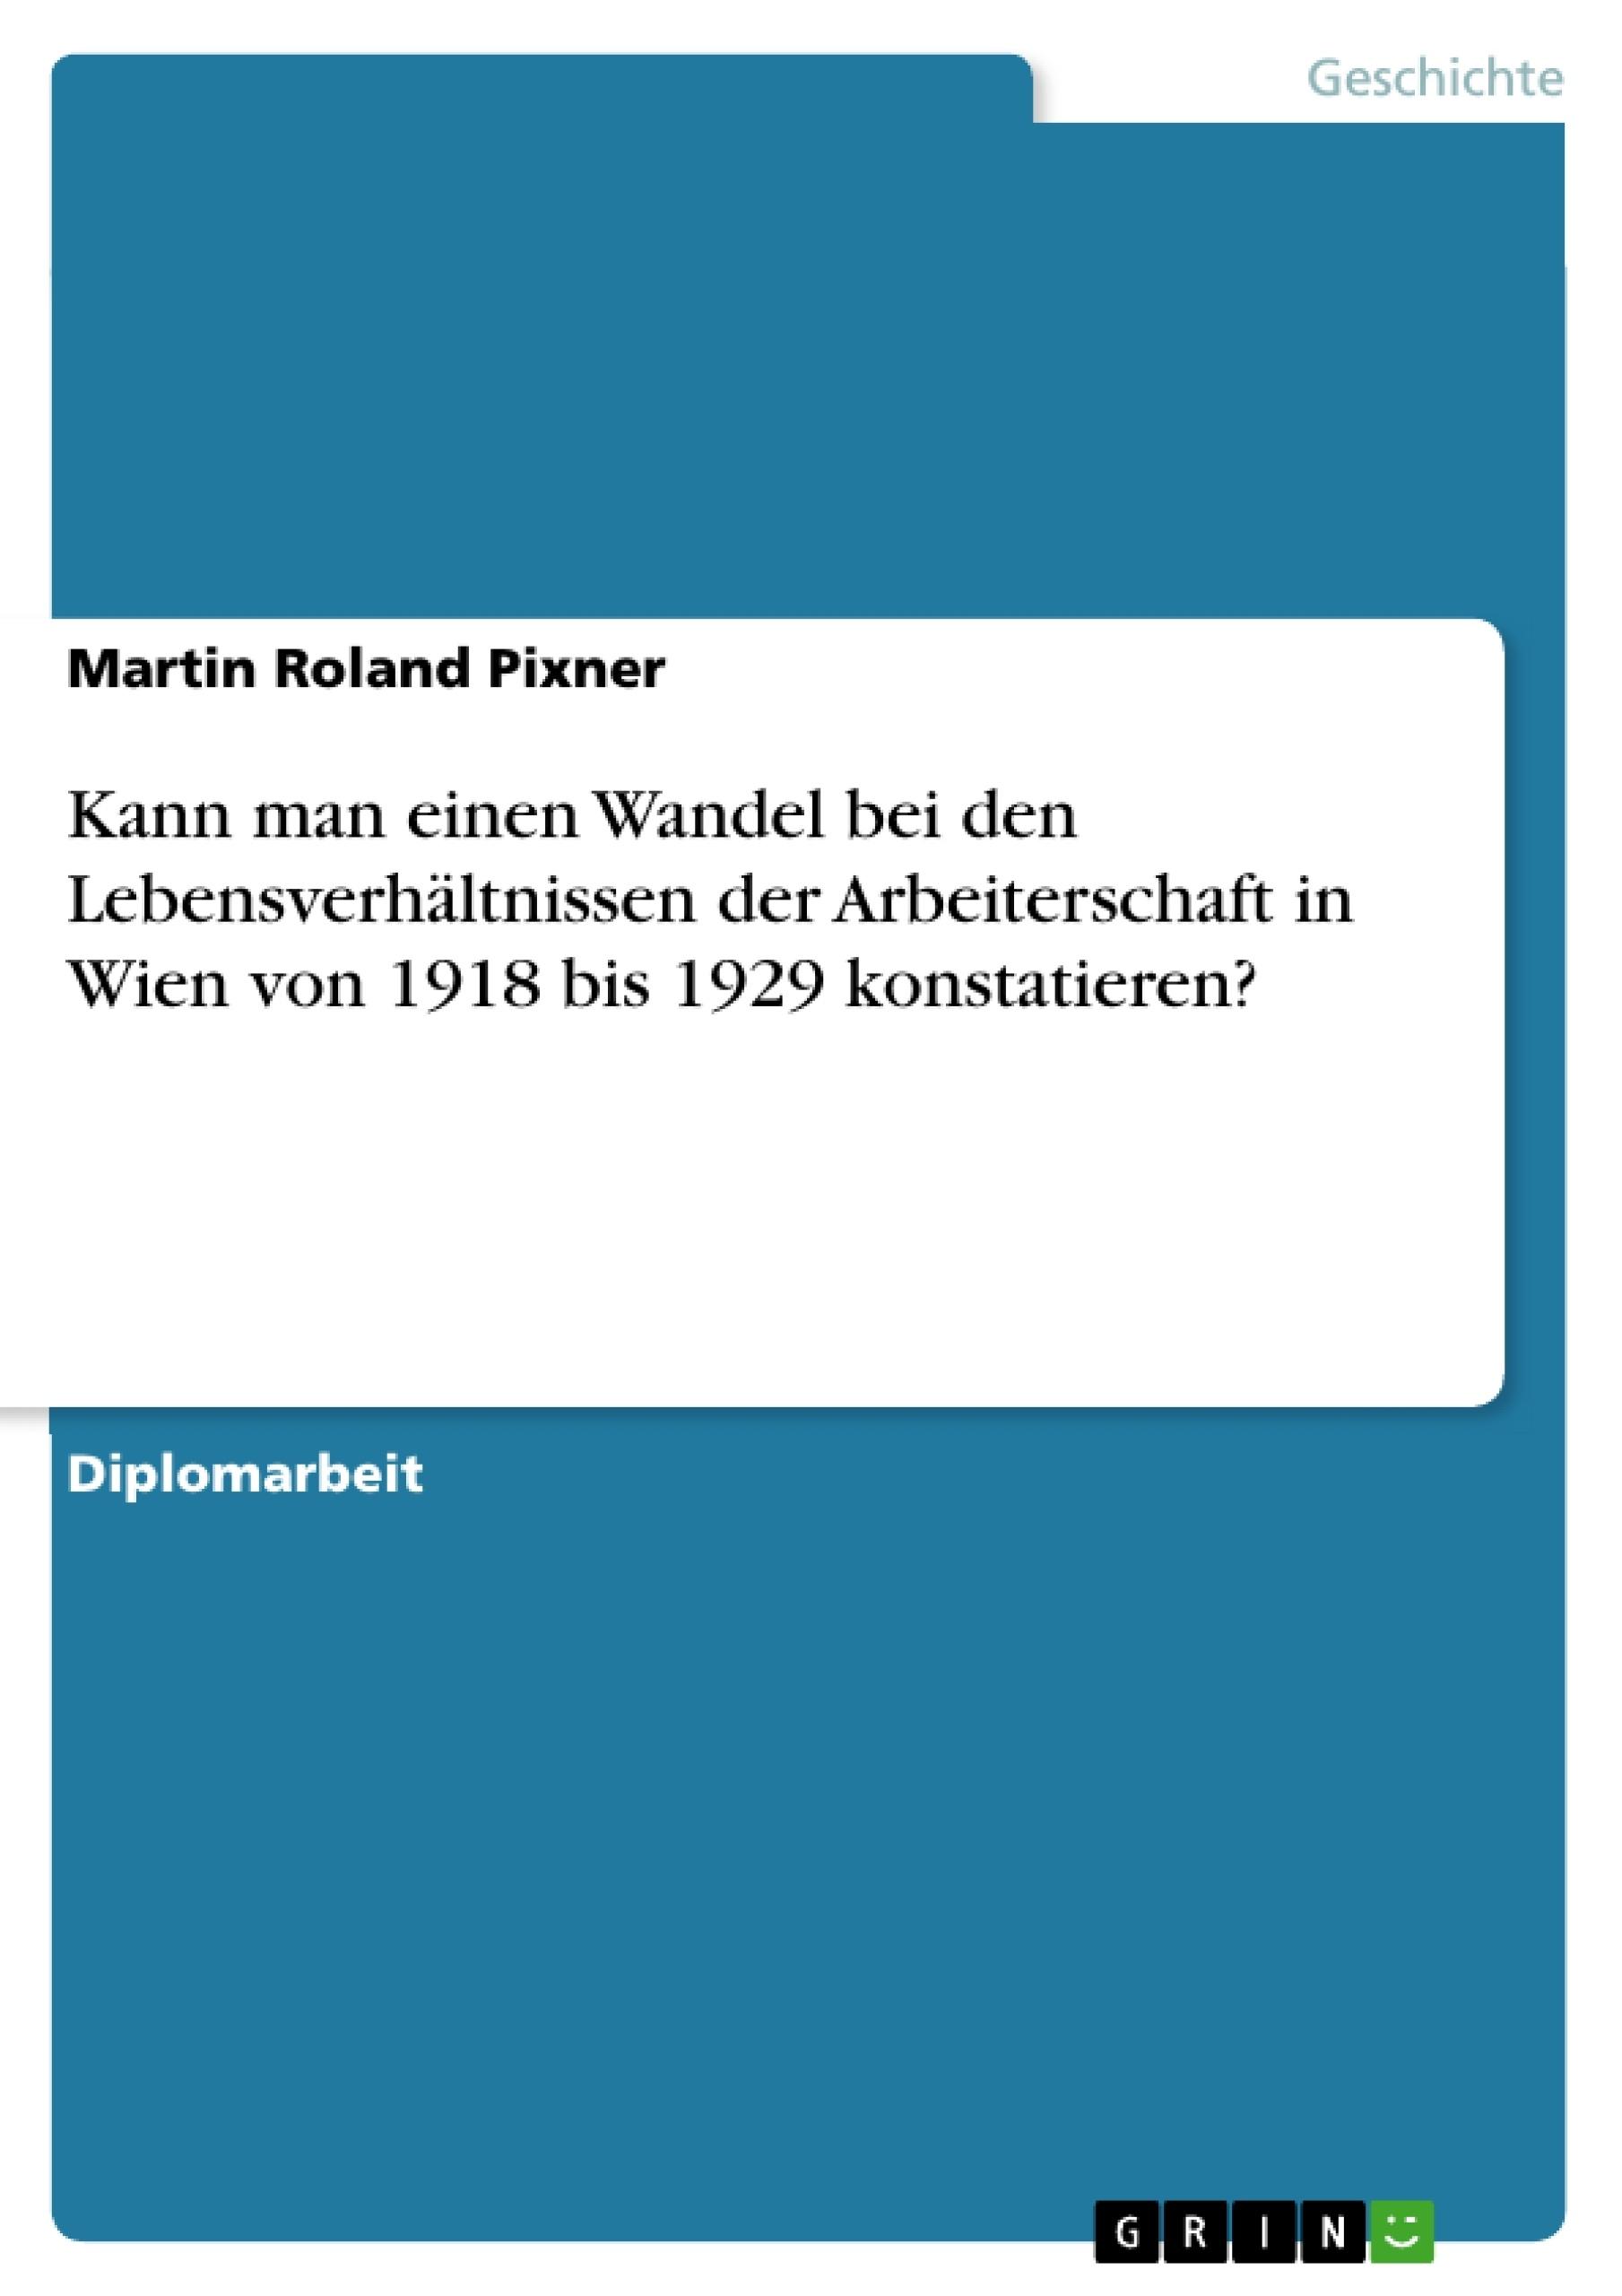 Titel: Kann man einen Wandel bei den Lebensverhältnissen der Arbeiterschaft in Wien von 1918 bis 1929 konstatieren?